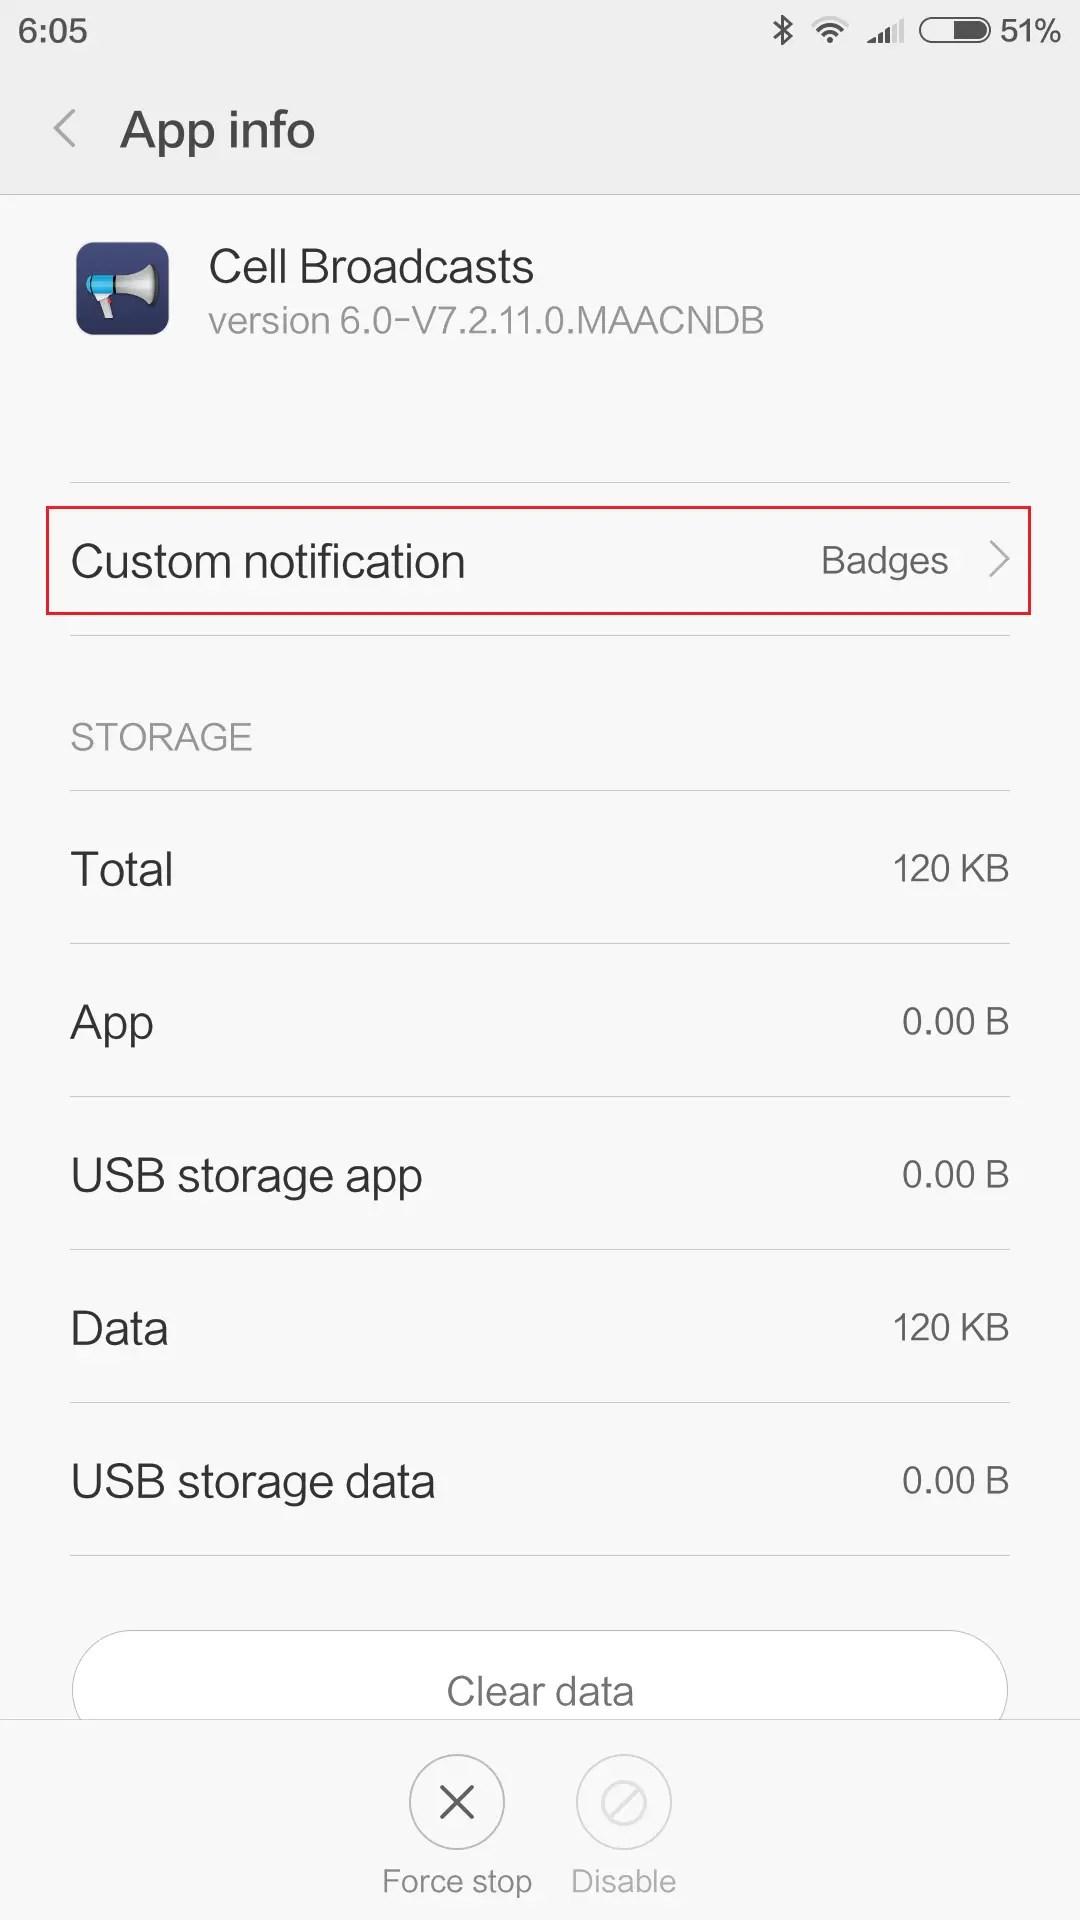 Custom notificationで音とか画面に表示、オフなどの設定ができる